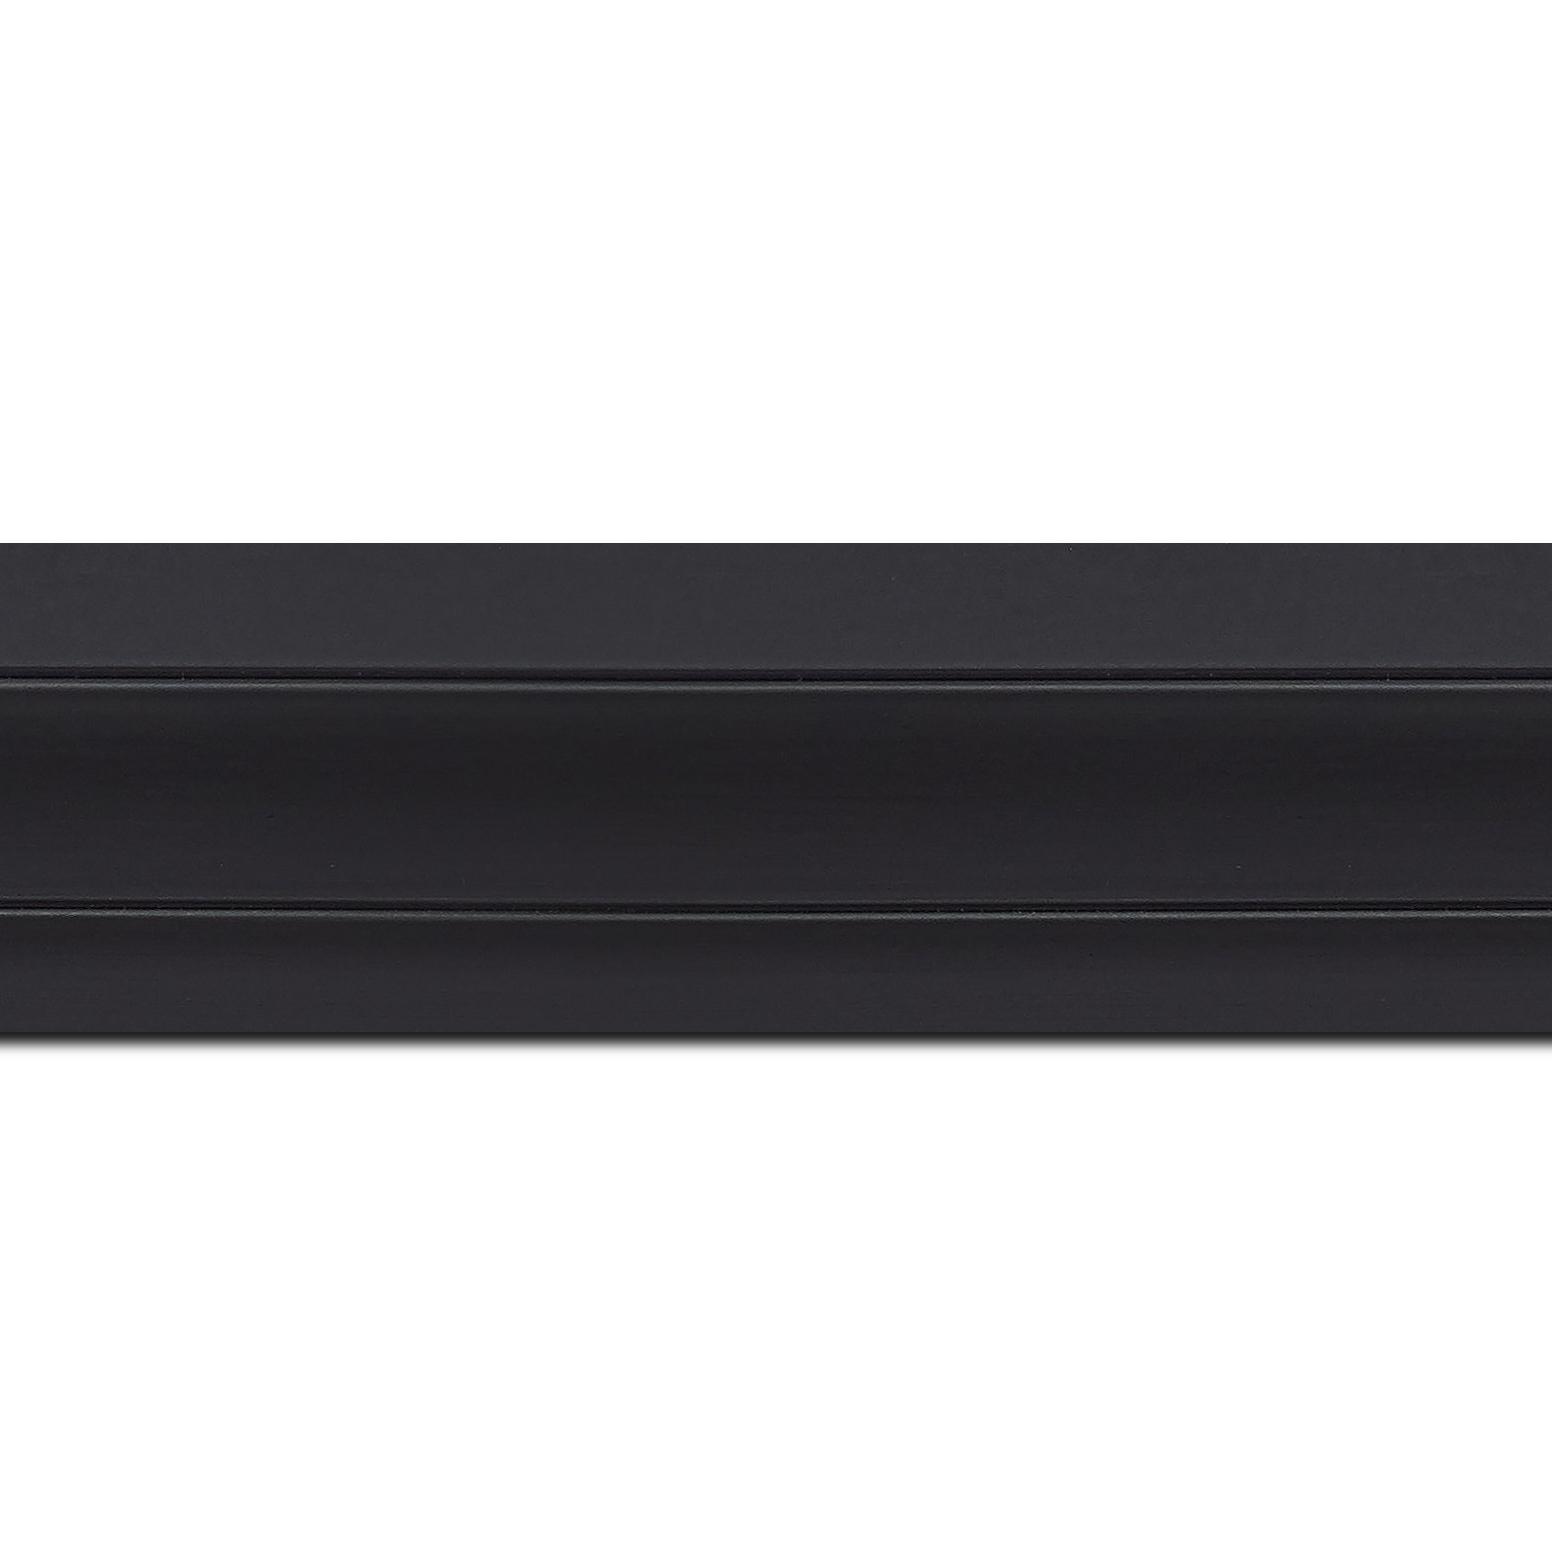 Baguette longueur 1.40m bois caisse américaine xl profil escalier largeur 4.9cm noir mat (spécialement conçu pour les châssis 3d d'une épaisseur de 3 à 4cm)